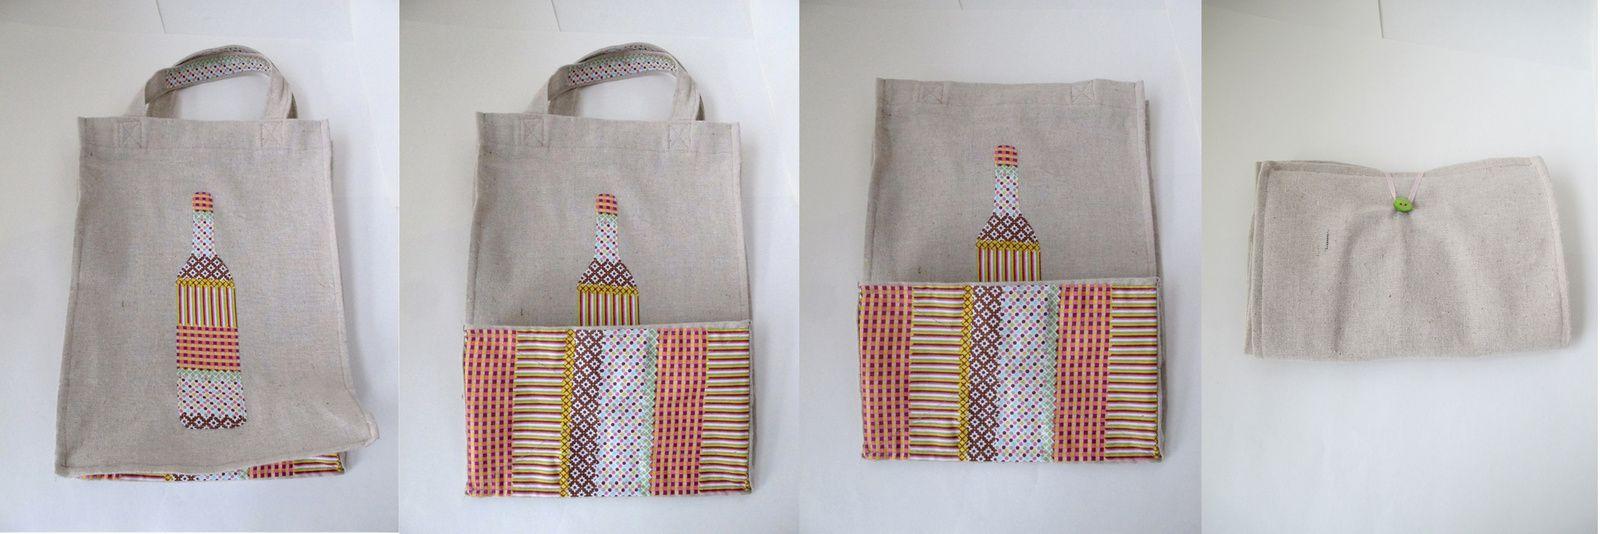 Créa # 1 Bricole Box &quot&#x3B;L'apéro&quot&#x3B;: Un sac à bouteilles